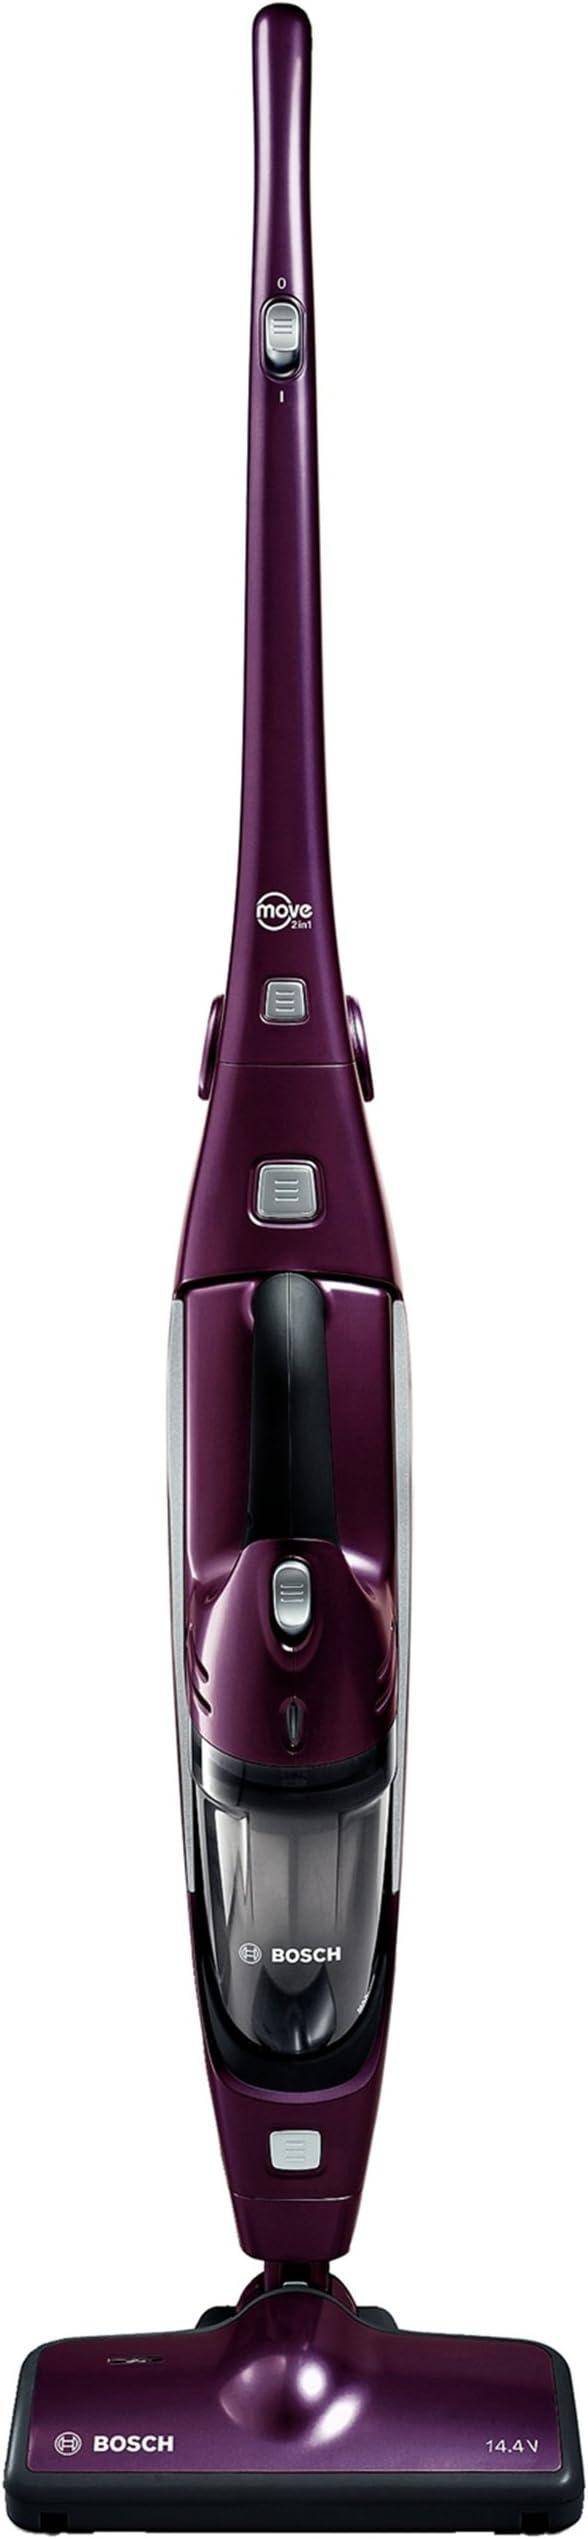 Bosch BBHMOVE3 - Aspirador escoba y aspirador de mano, 80 vatios ...